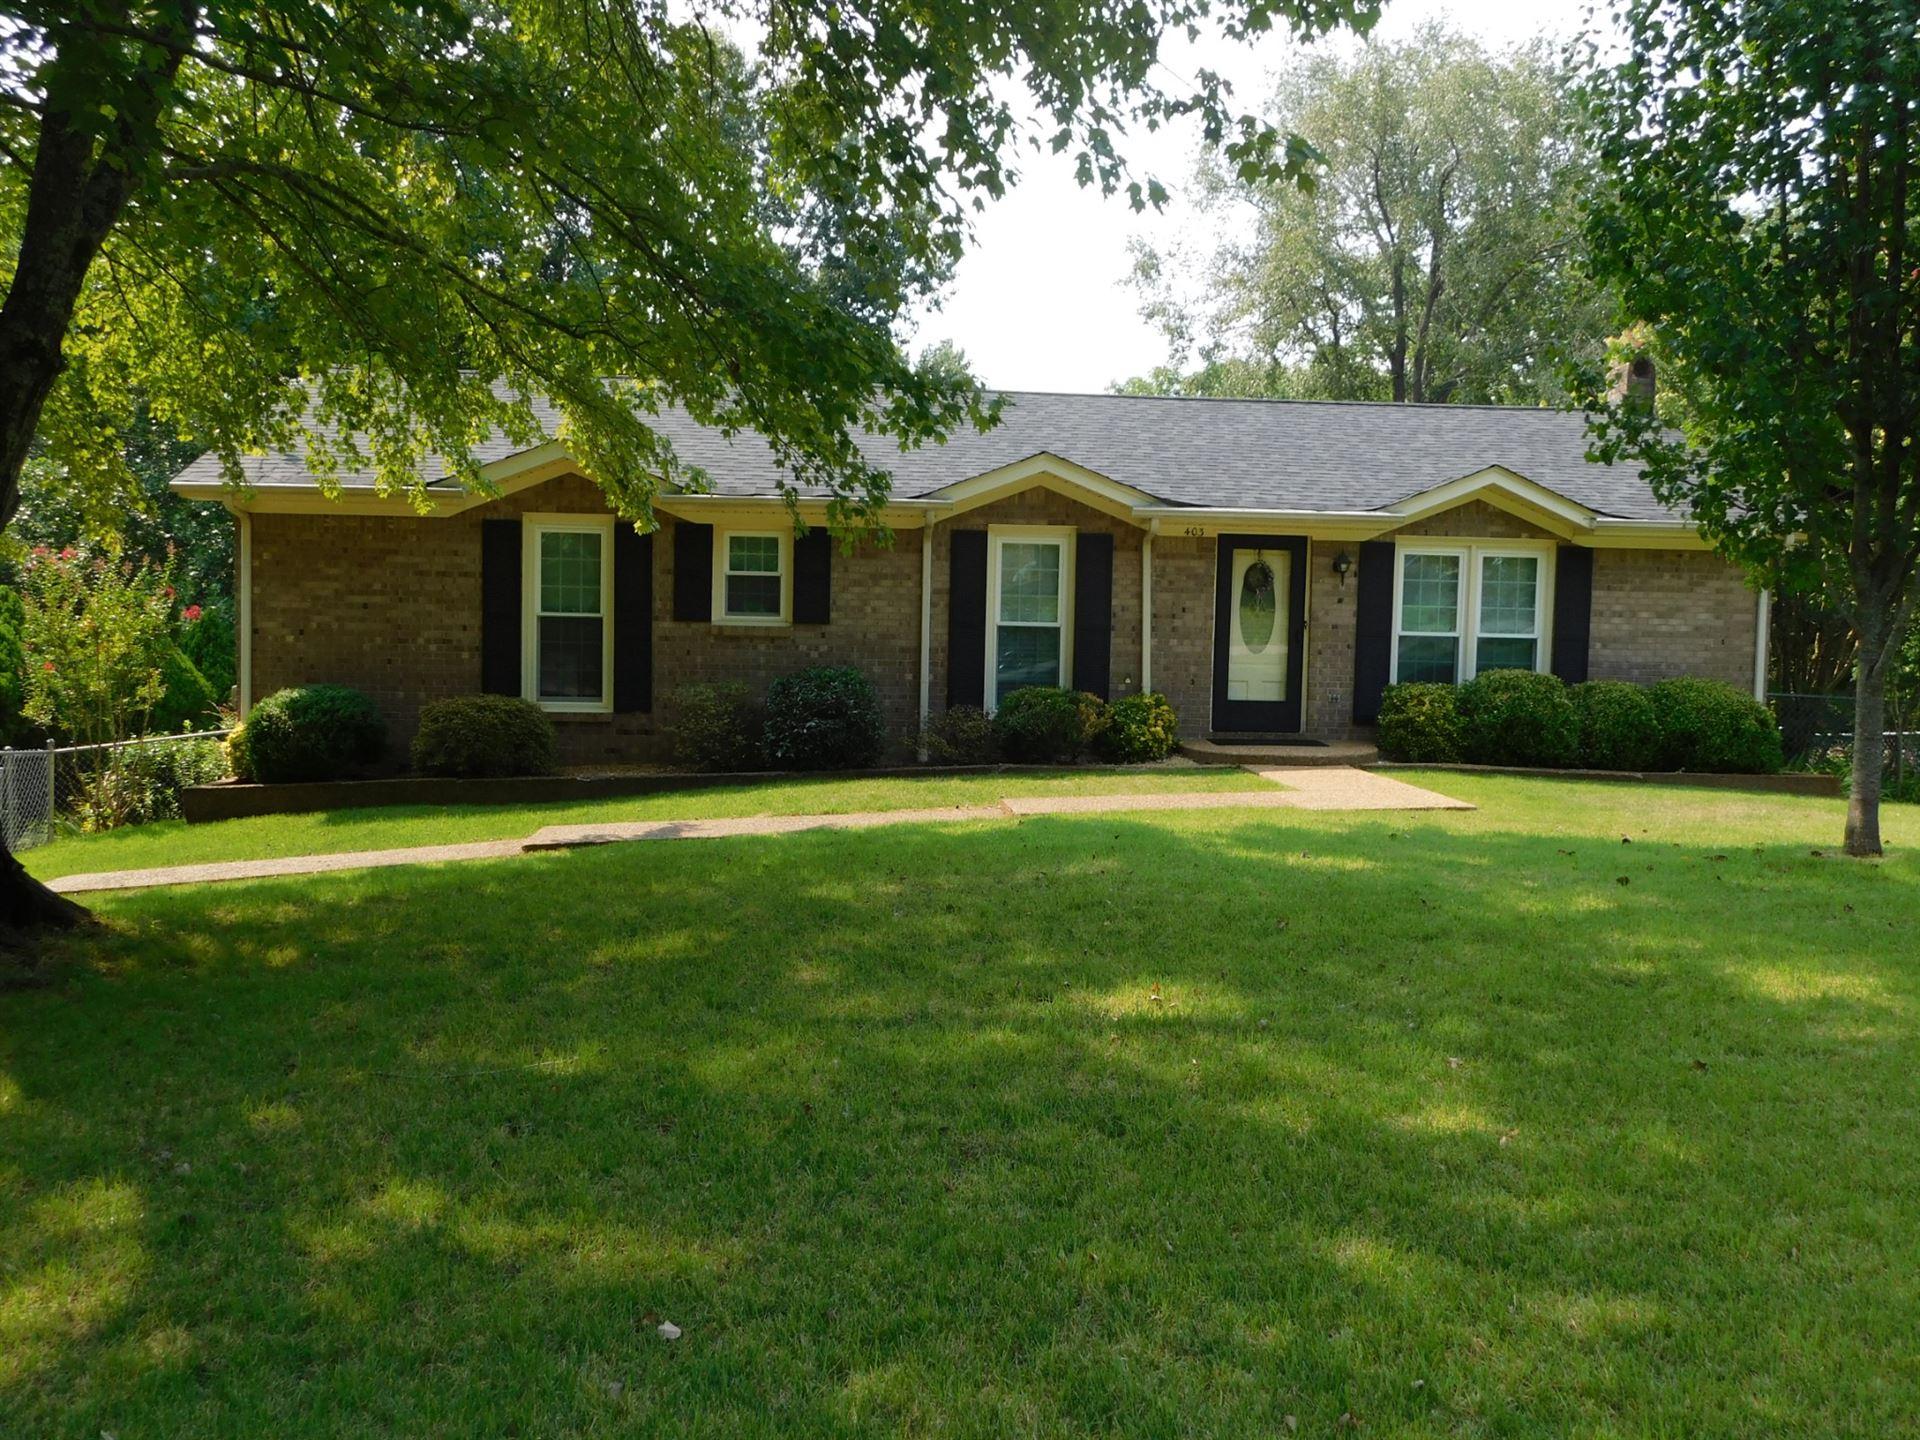 403 Brierwood Dr, Columbia, TN 38401 - MLS#: 2277143